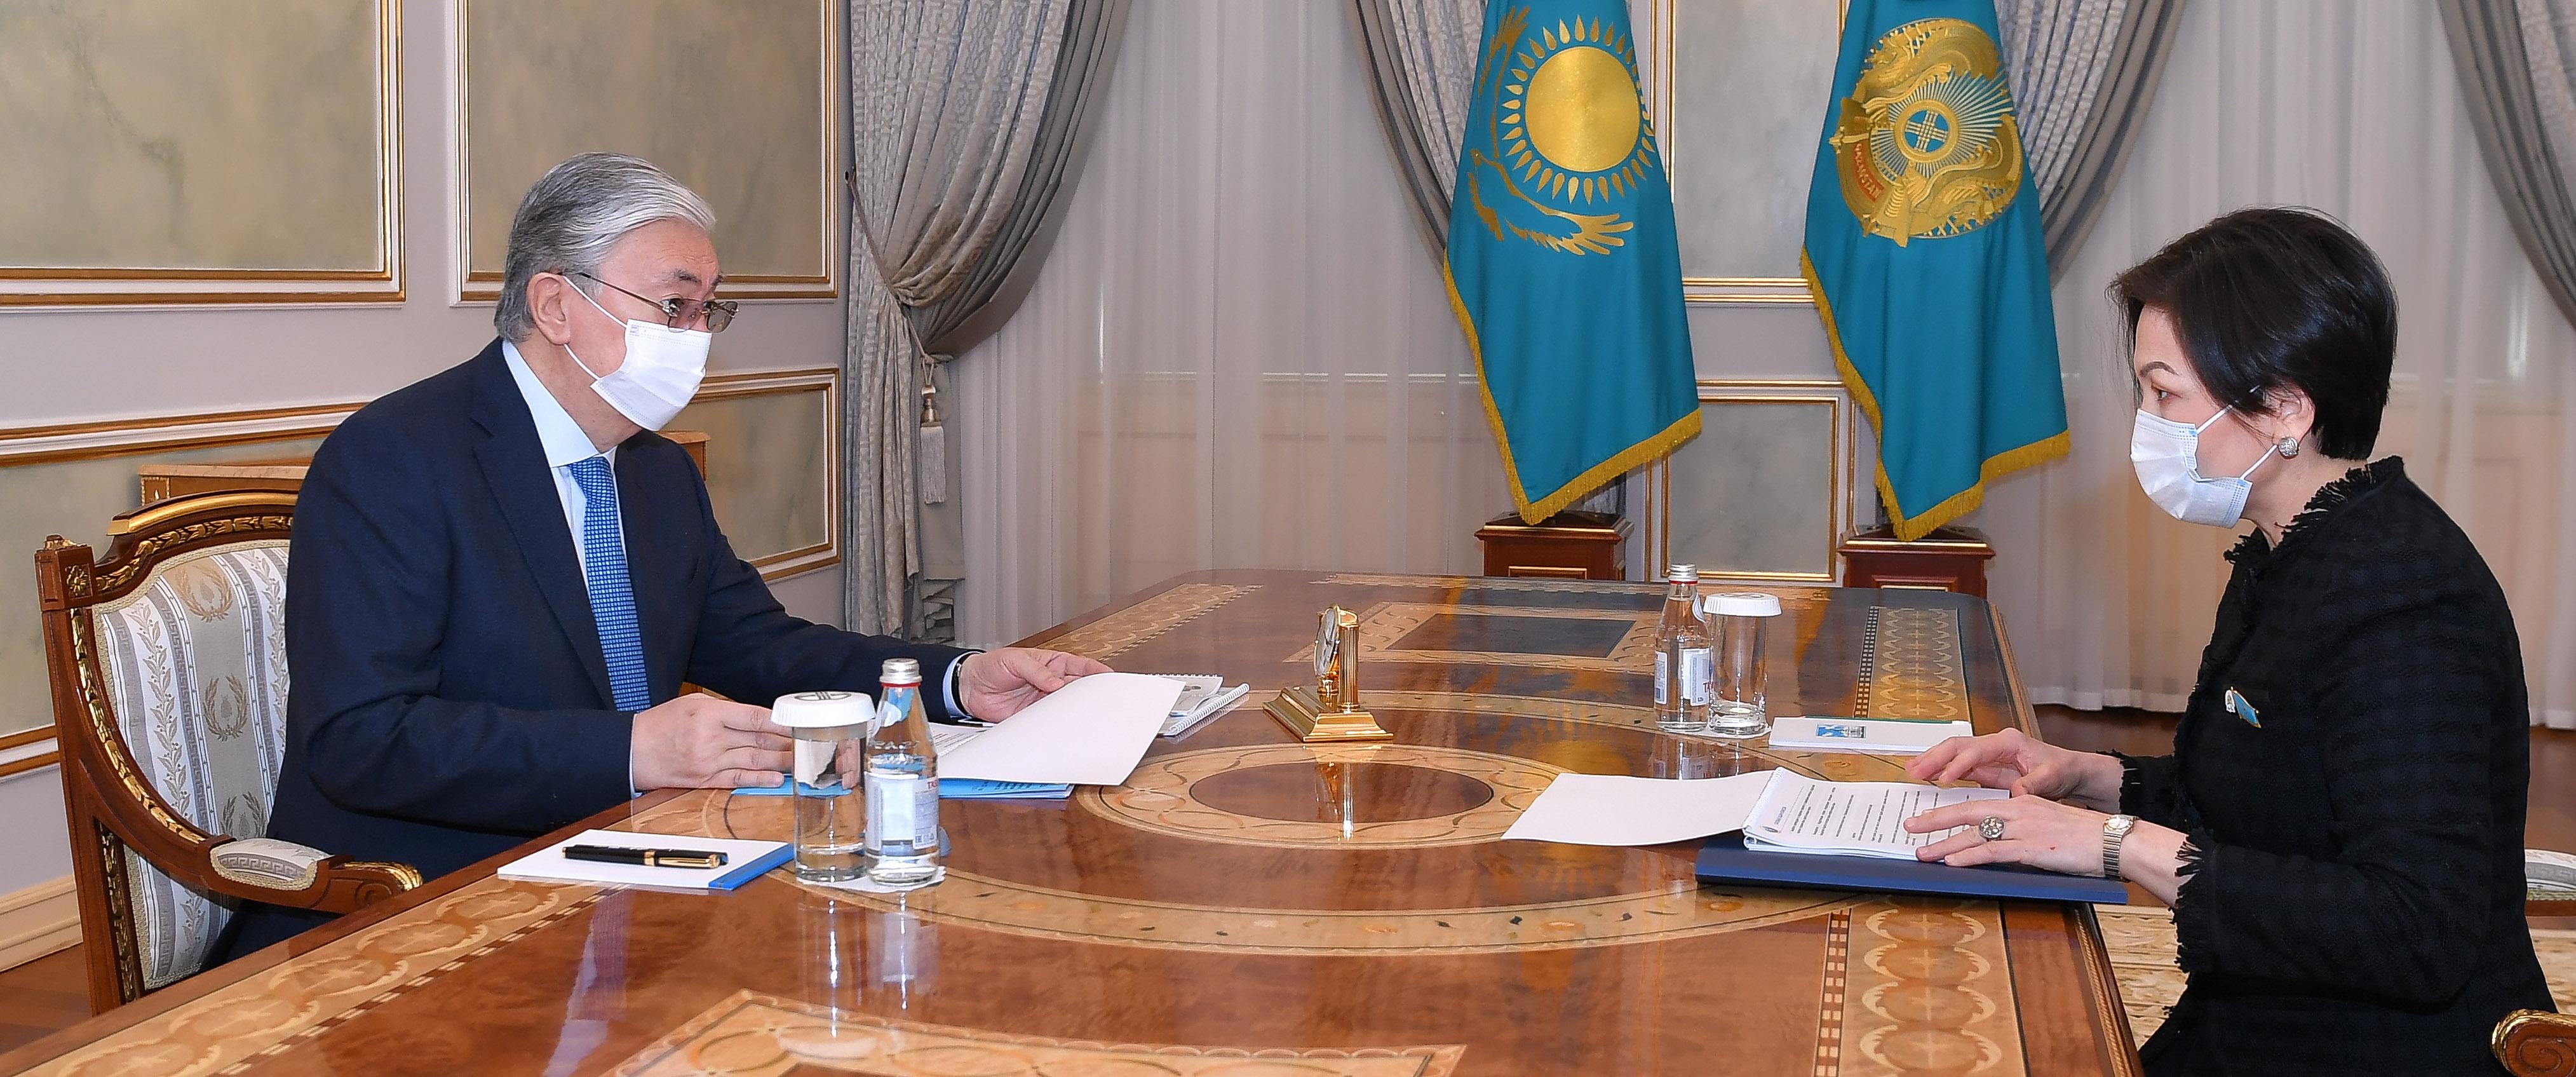 Председатель Национальной комиссии по делам женщин доложила Касым-Жомарту Токаеву о планах на предстоящий период